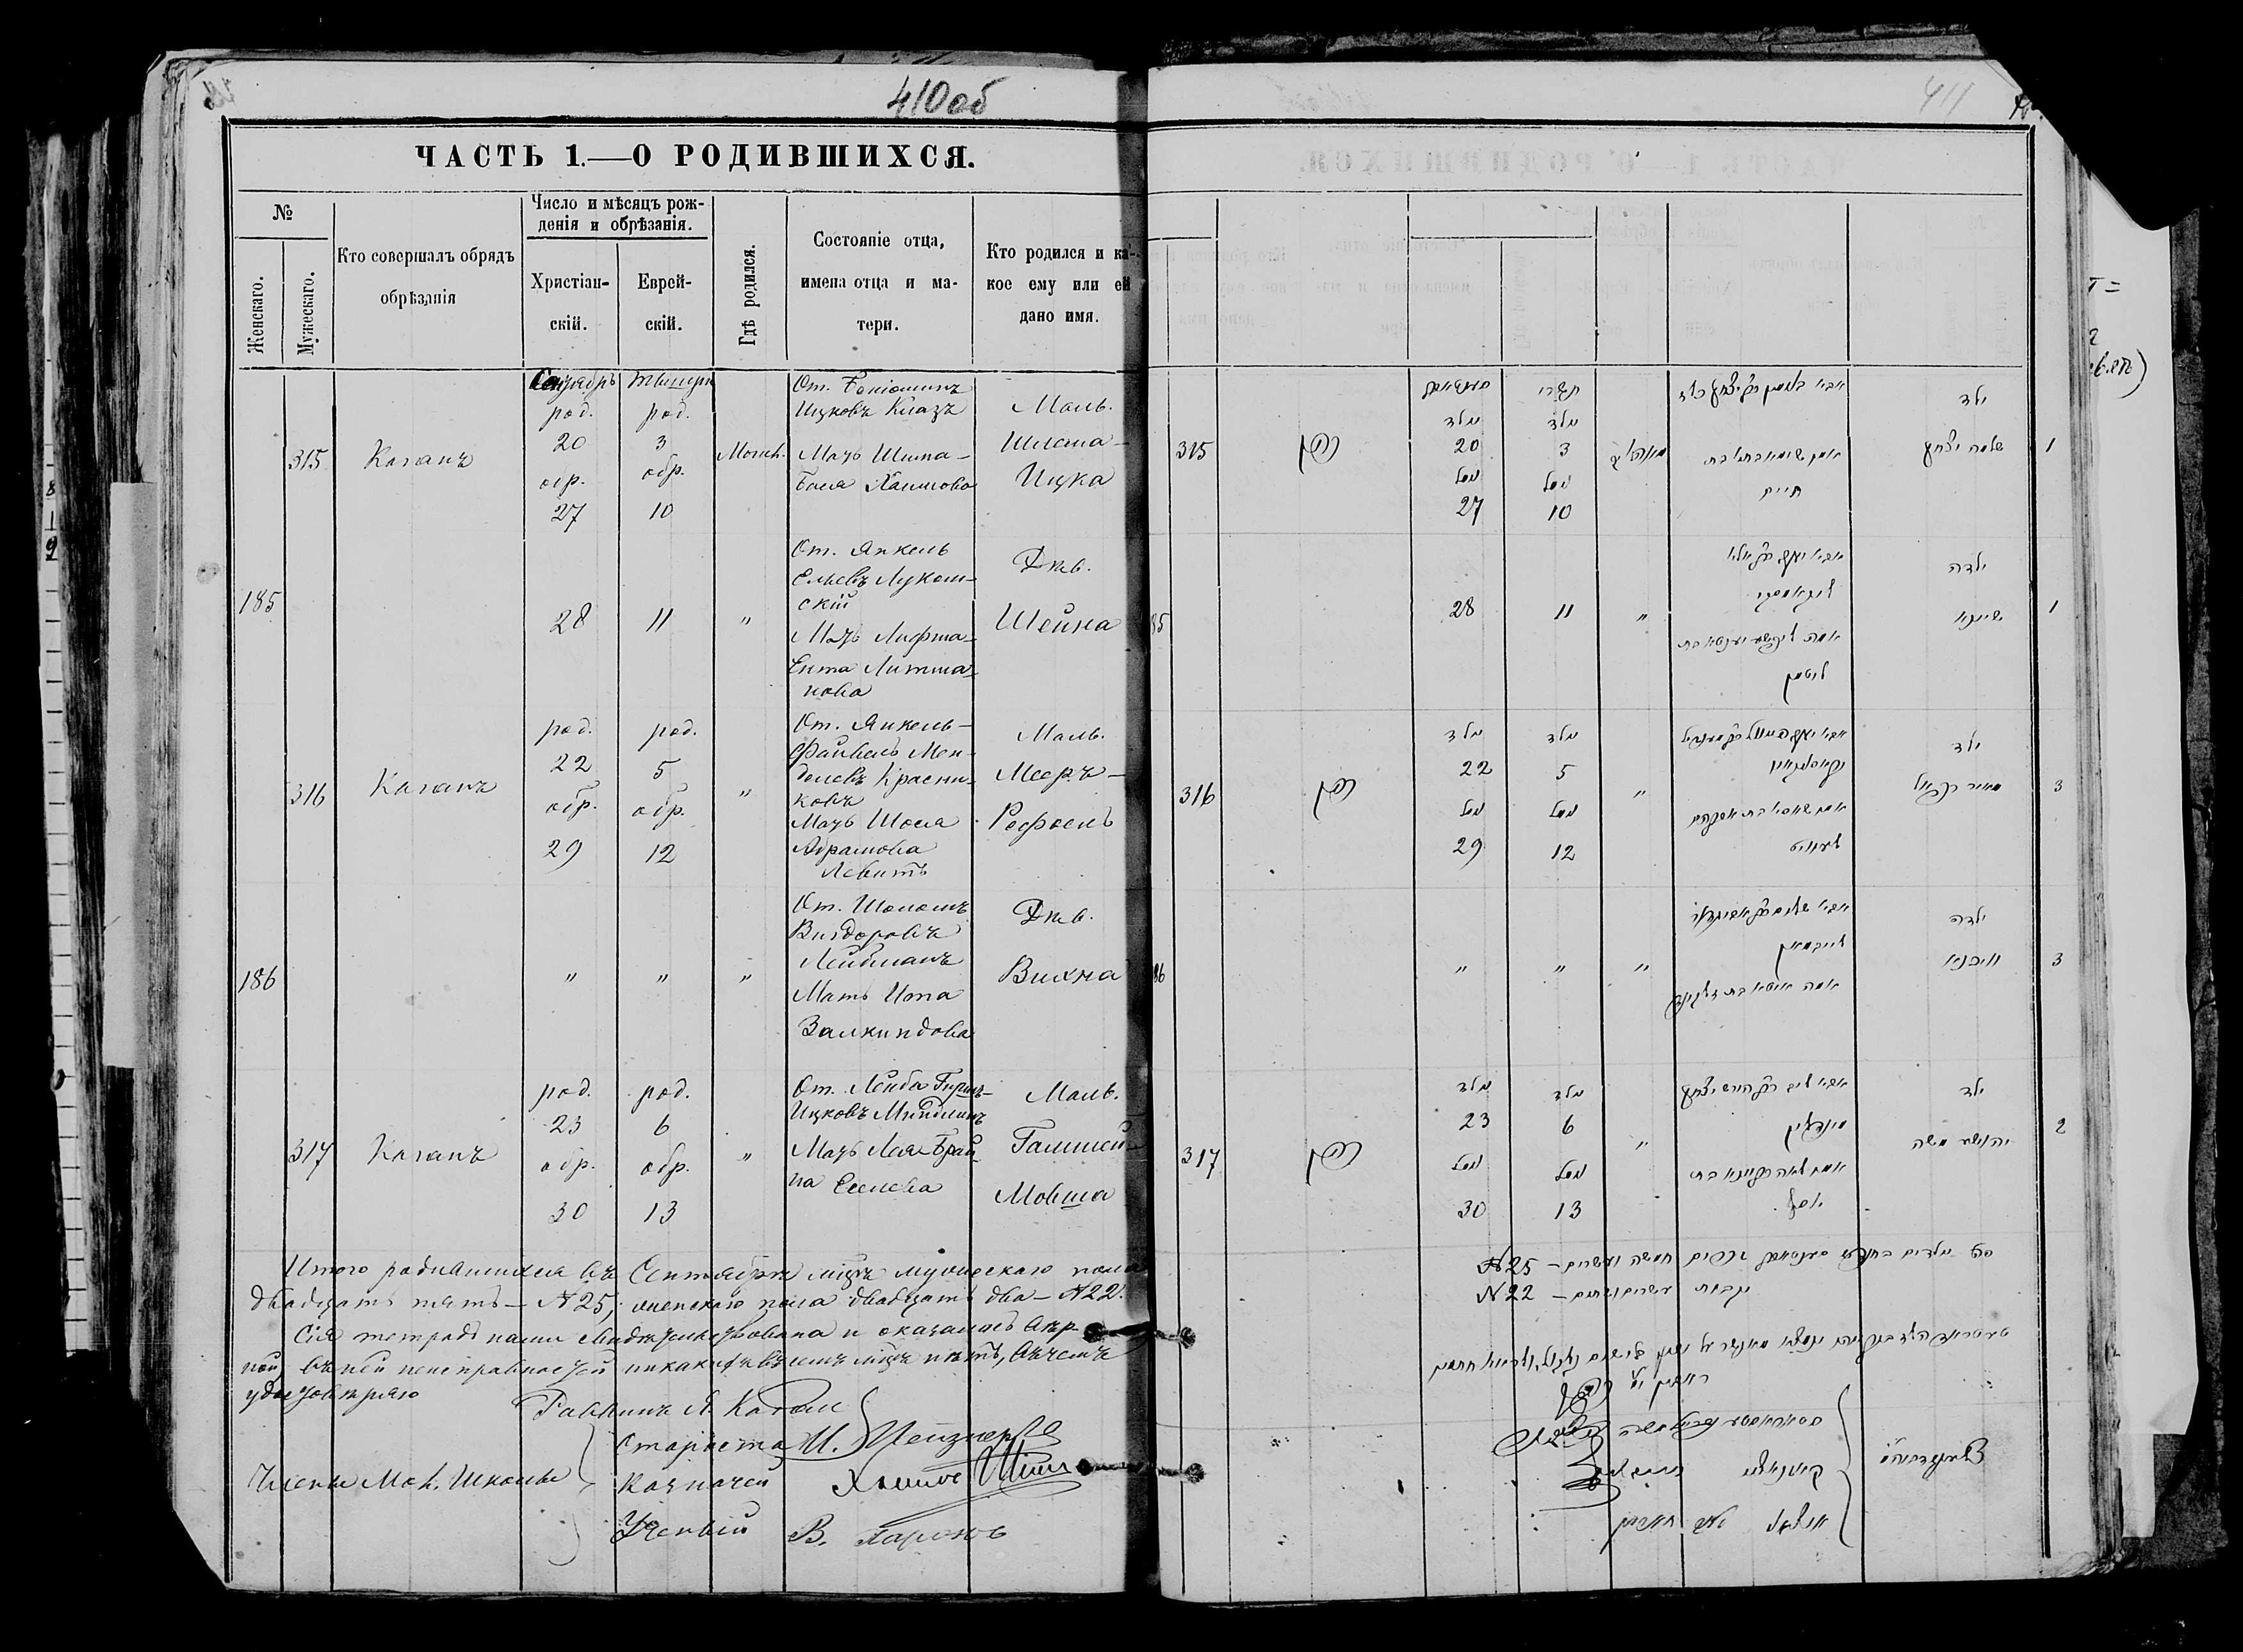 Меер-Рафаэль Янкель-Файвелевич Красников 22 сентября 1875, запись 316, пленка 007766481, снимок 83